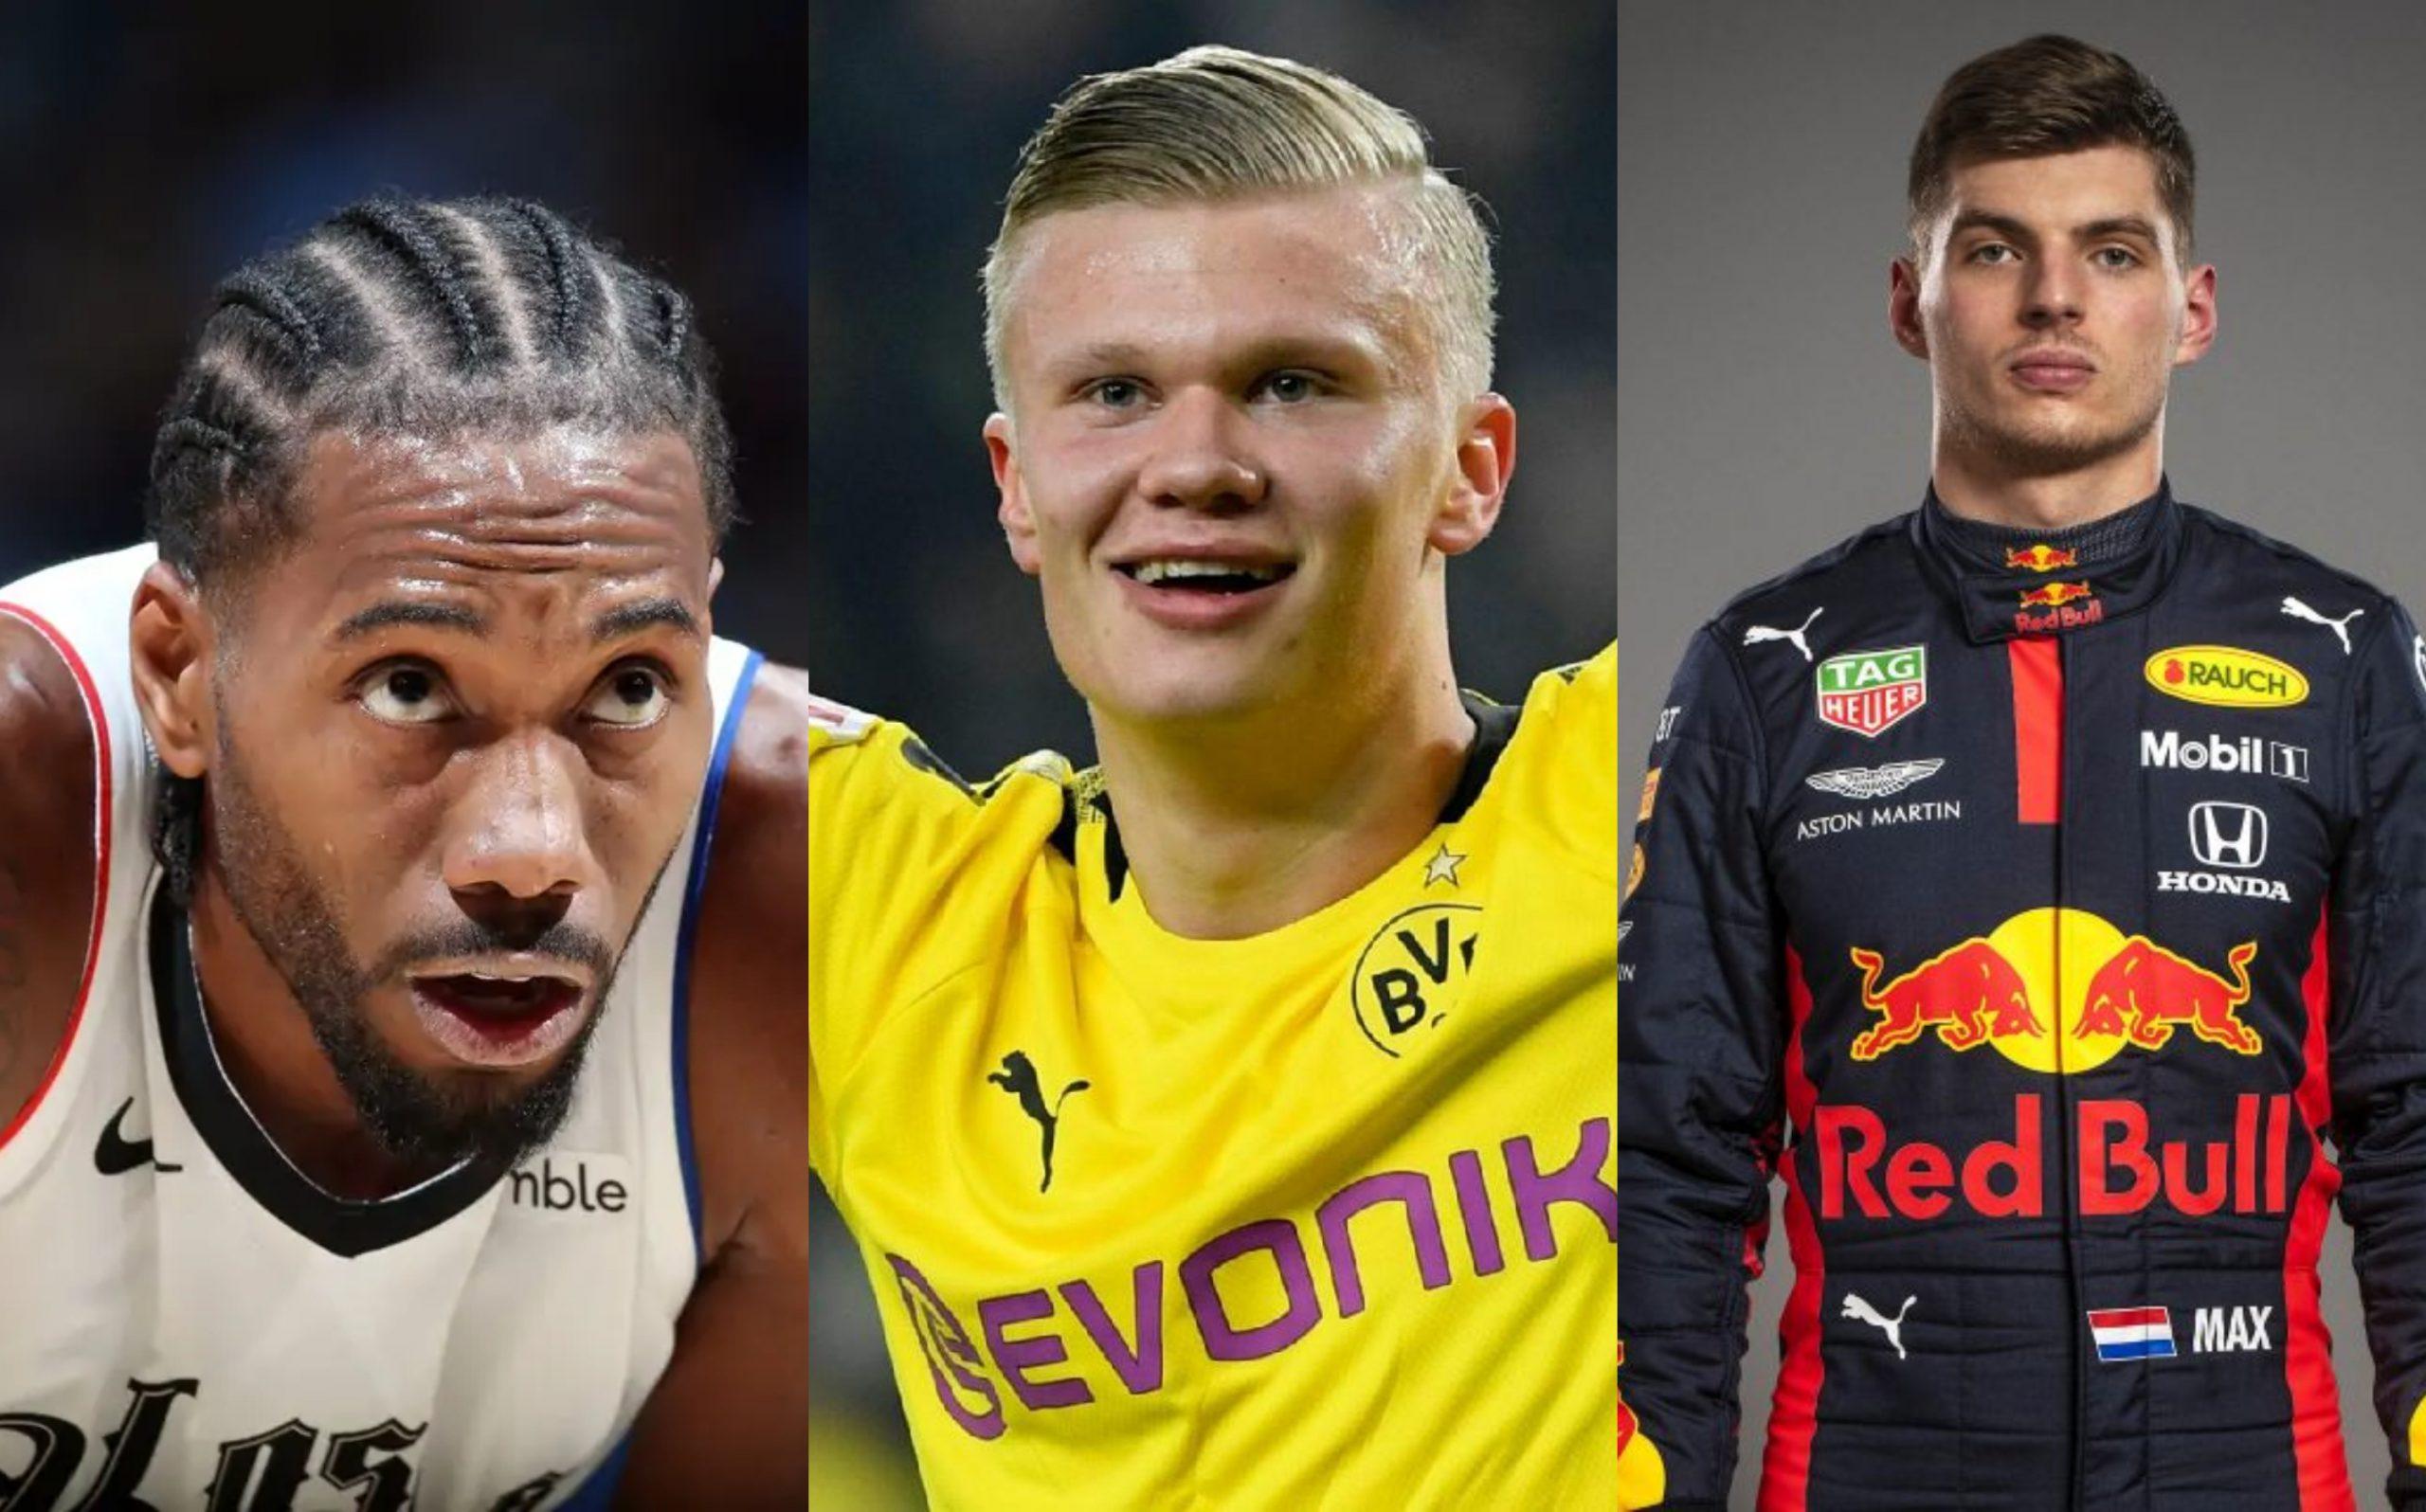 Il miglior atleta per ogni età: i risultati del sondaggio di Marca